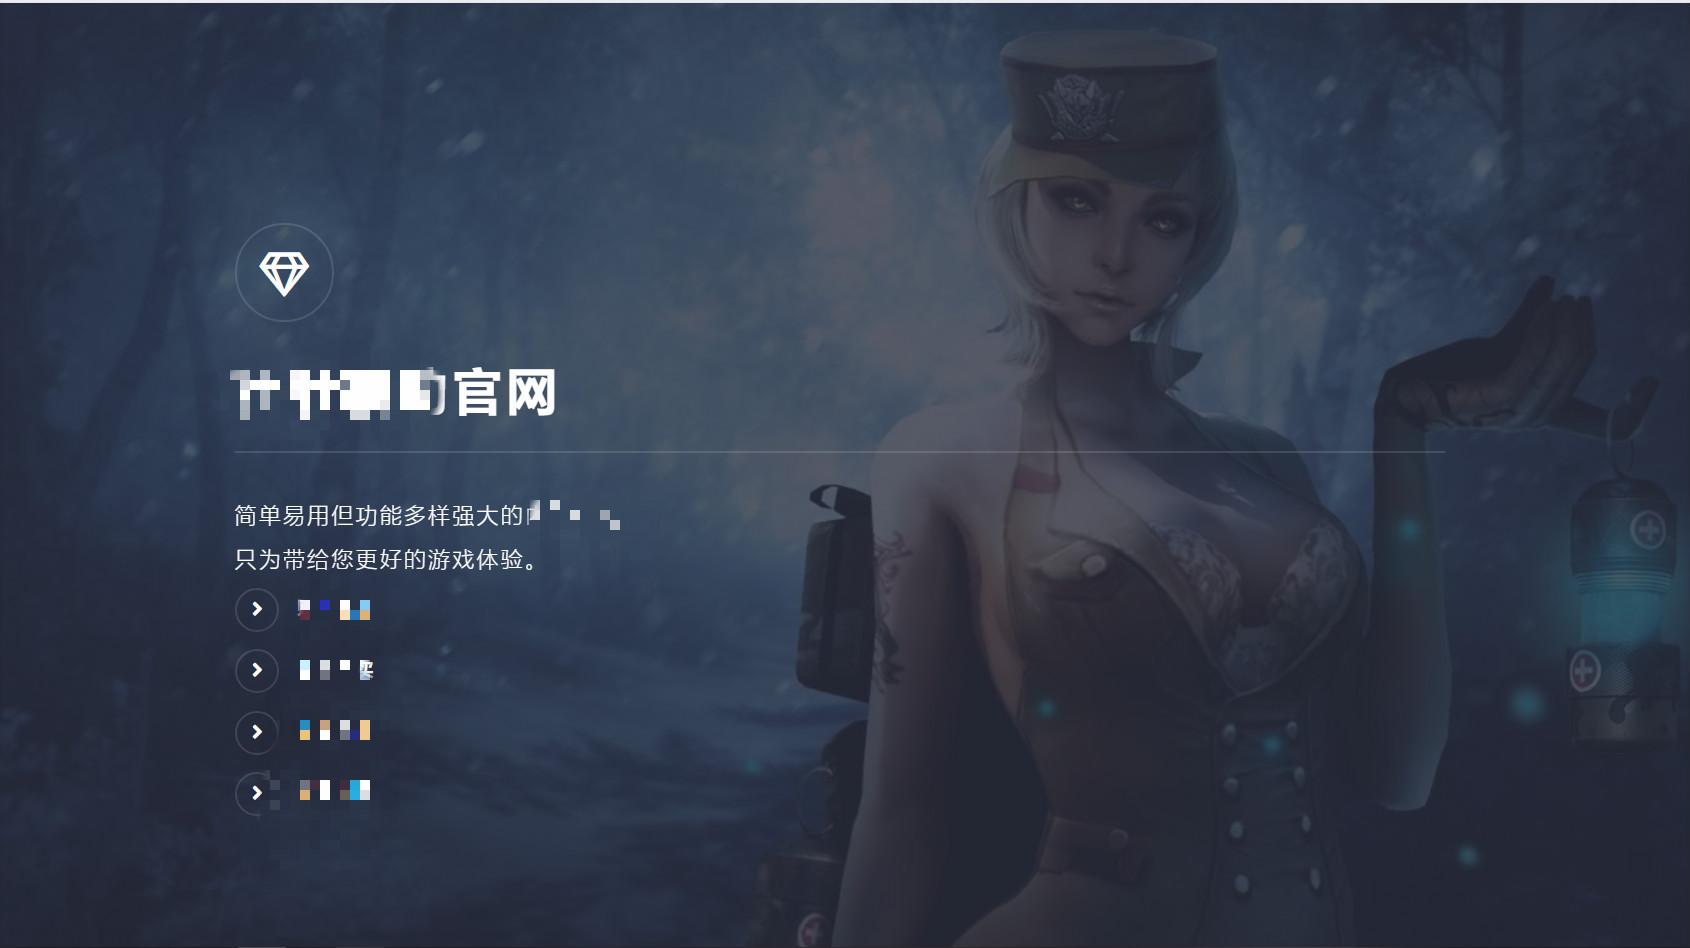 游戏辅助官网页面源码_可以修改做404页面